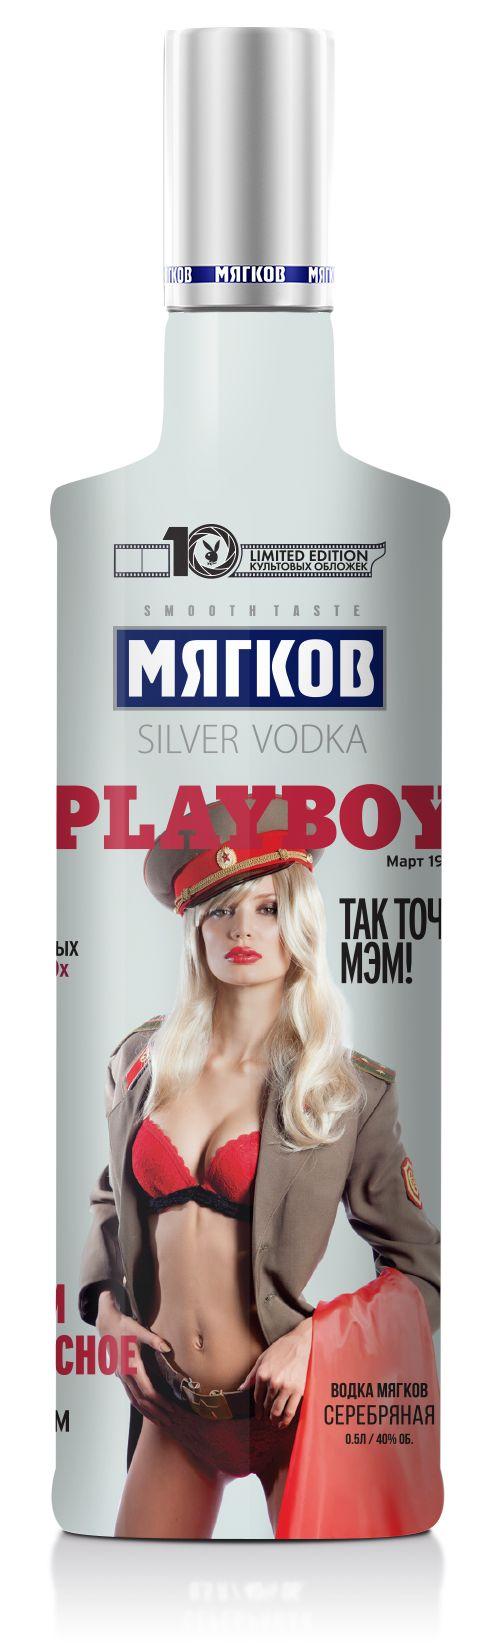 Myagkov Playboy Limited Edition, 1990 year cover remake. Мягков Плейбой Лимитированная серия. Римейк обложки 1990 года. Vodka. Spirits. Водка.